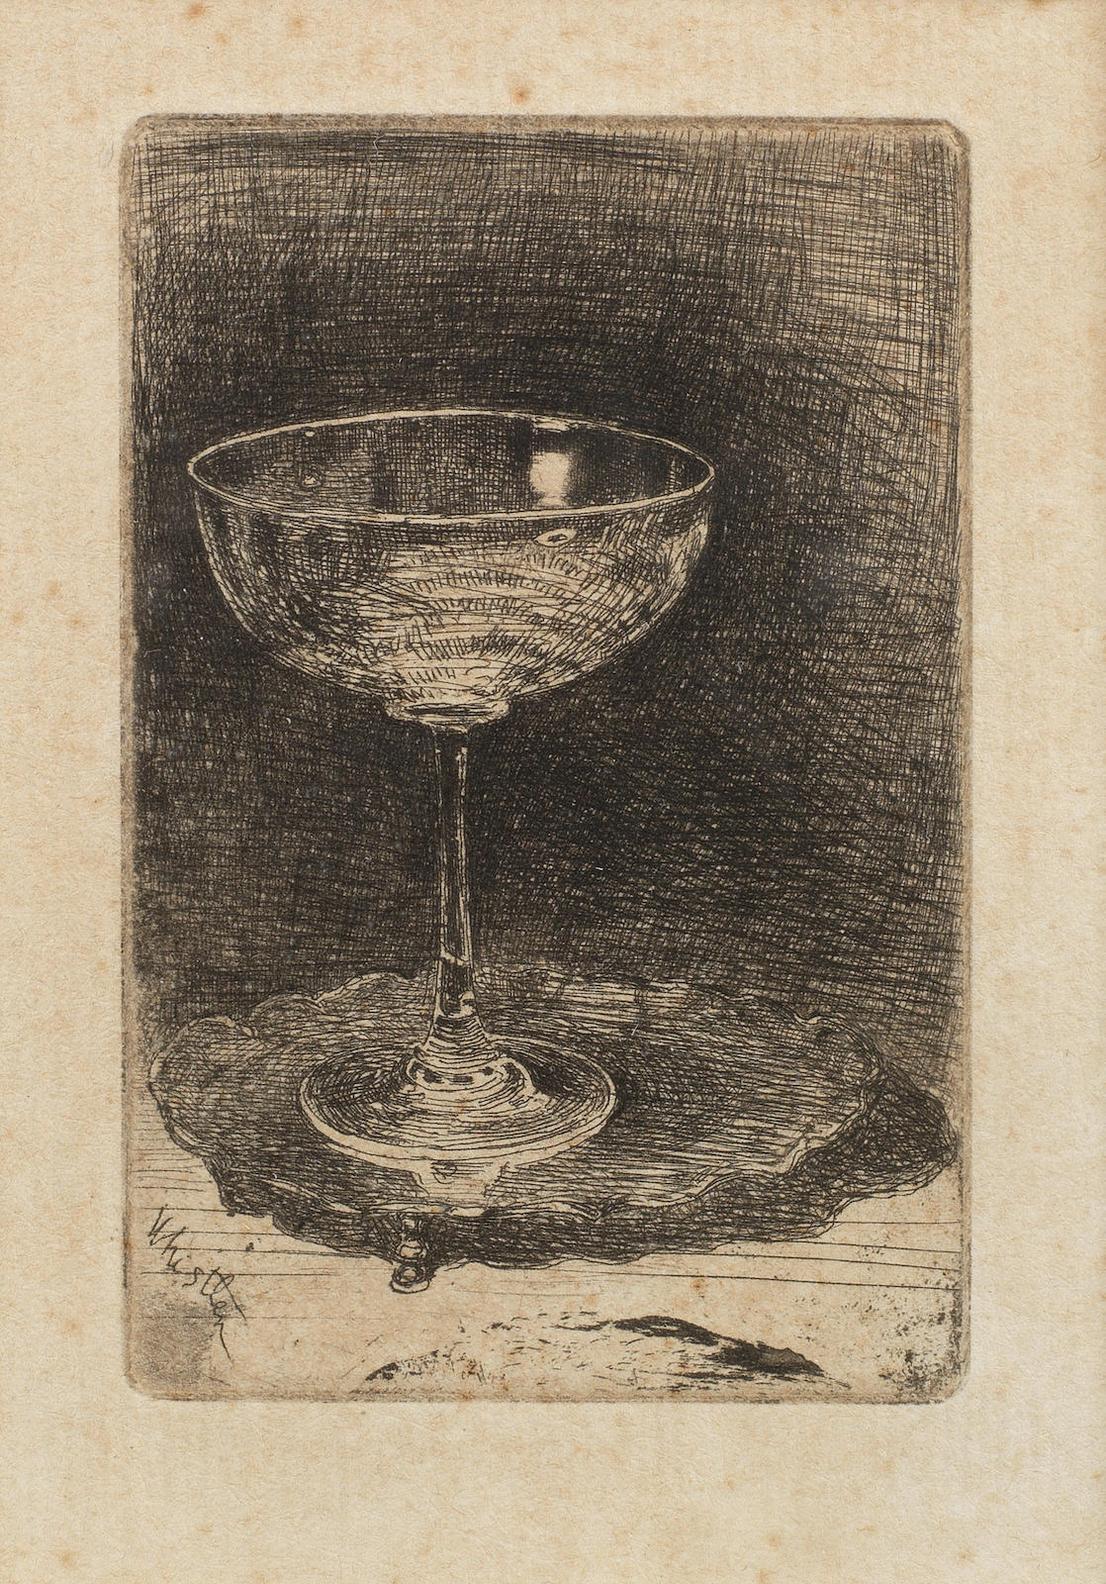 James Abbott McNeill Whistler-The Wine Glass (Kennedy 27,Glasgow 38)-1858